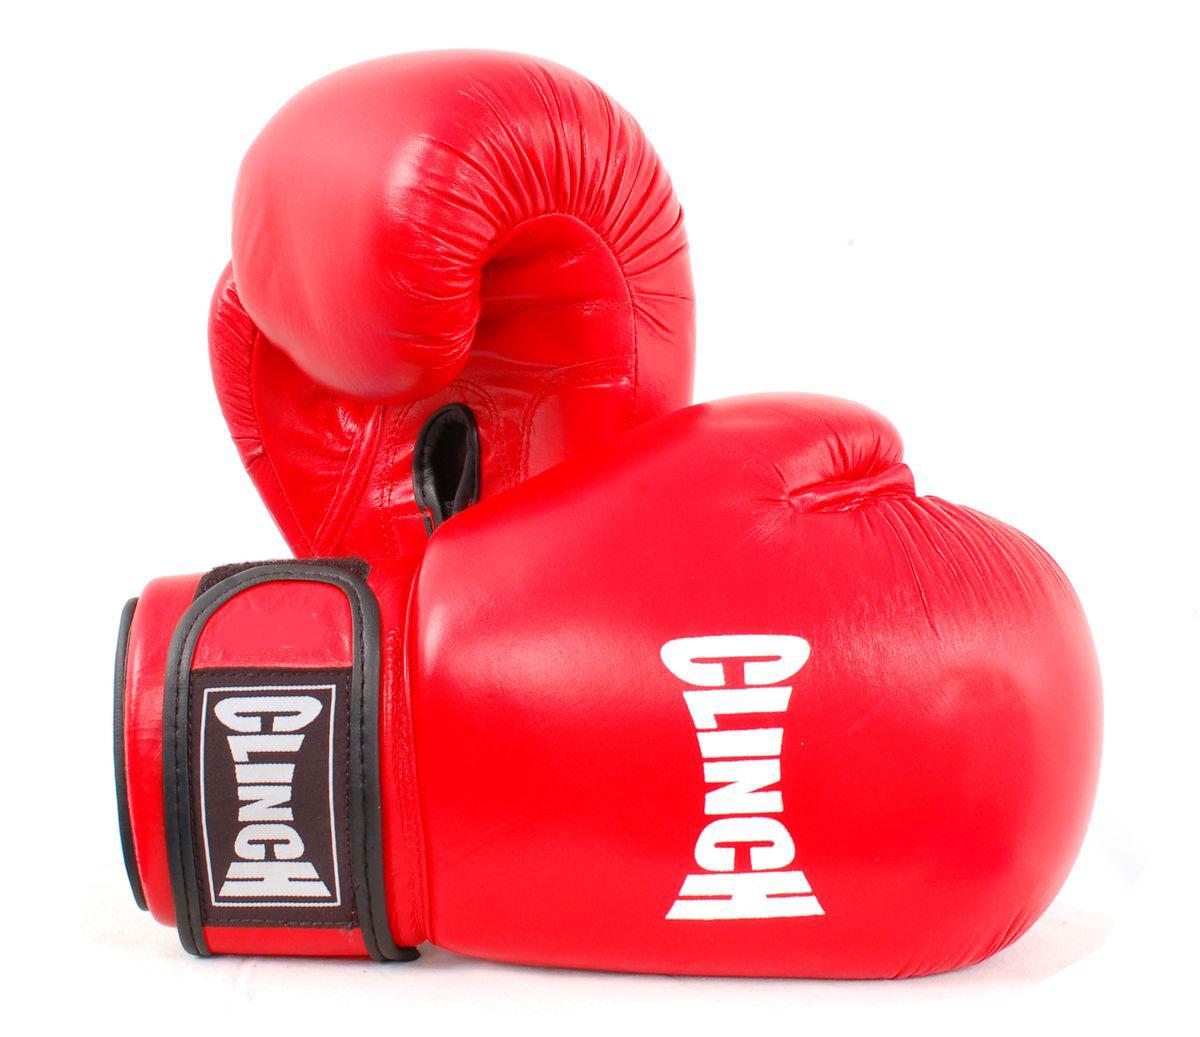 Перчатки боксерские Clinch, цвет: красный, 12 унций. C228C228Боксерские перчатки Clinch идеально подойдут для соревнований, боев и спаррингов. Перчатки выполнены из высококачественной натуральной кожи с инжекционным литым вкладышем, смягчающим силу удара и дополнительно защищающим руку. На тыльной стороне перчаток предусмотрены отверстия для вентиляции. Большой палец соединен с перчаткой небольшой плотной перемычкой. Перчатки прочно фиксируются на запястье широкой манжетой на липучке, что гарантирует быстроту и удобство одевания.